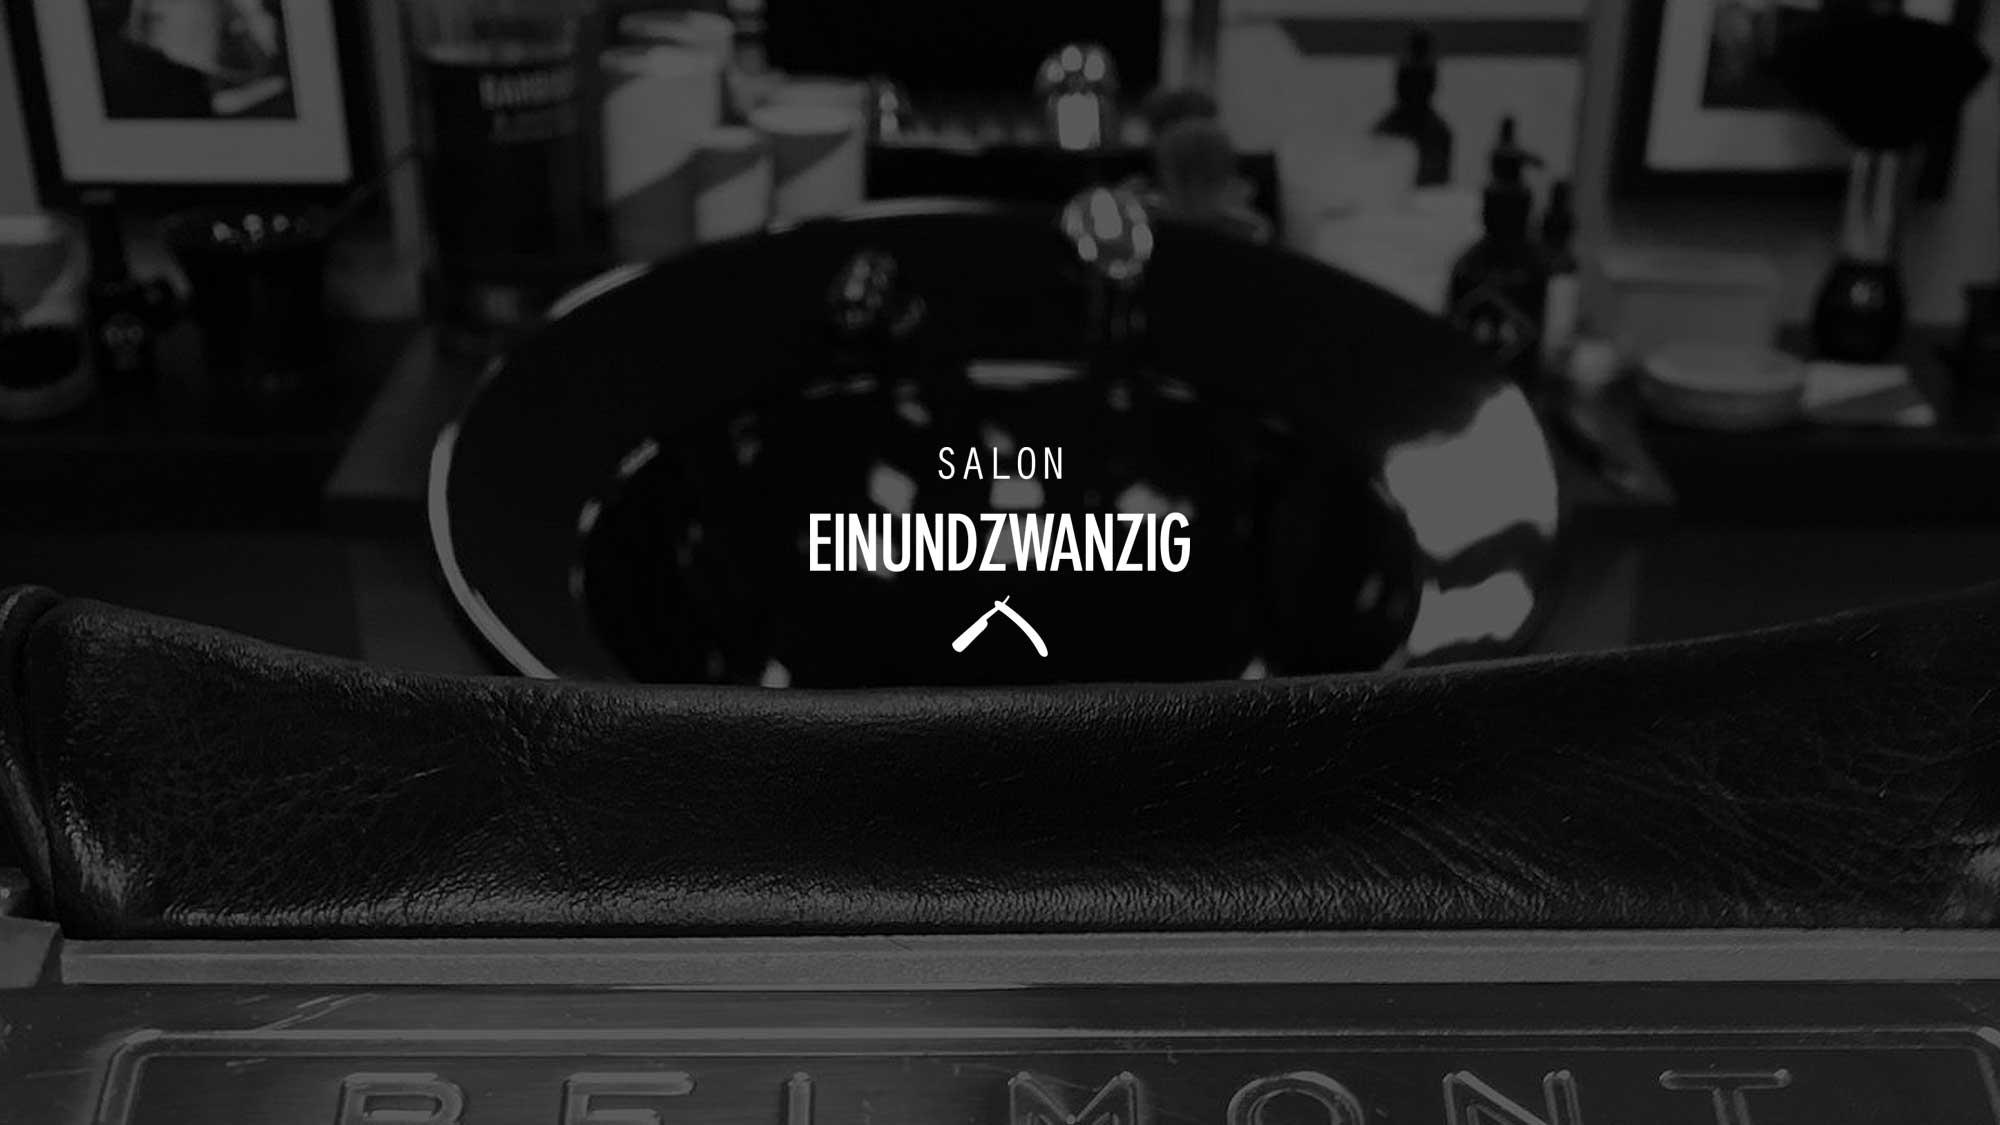 Salon Einundzwanzig